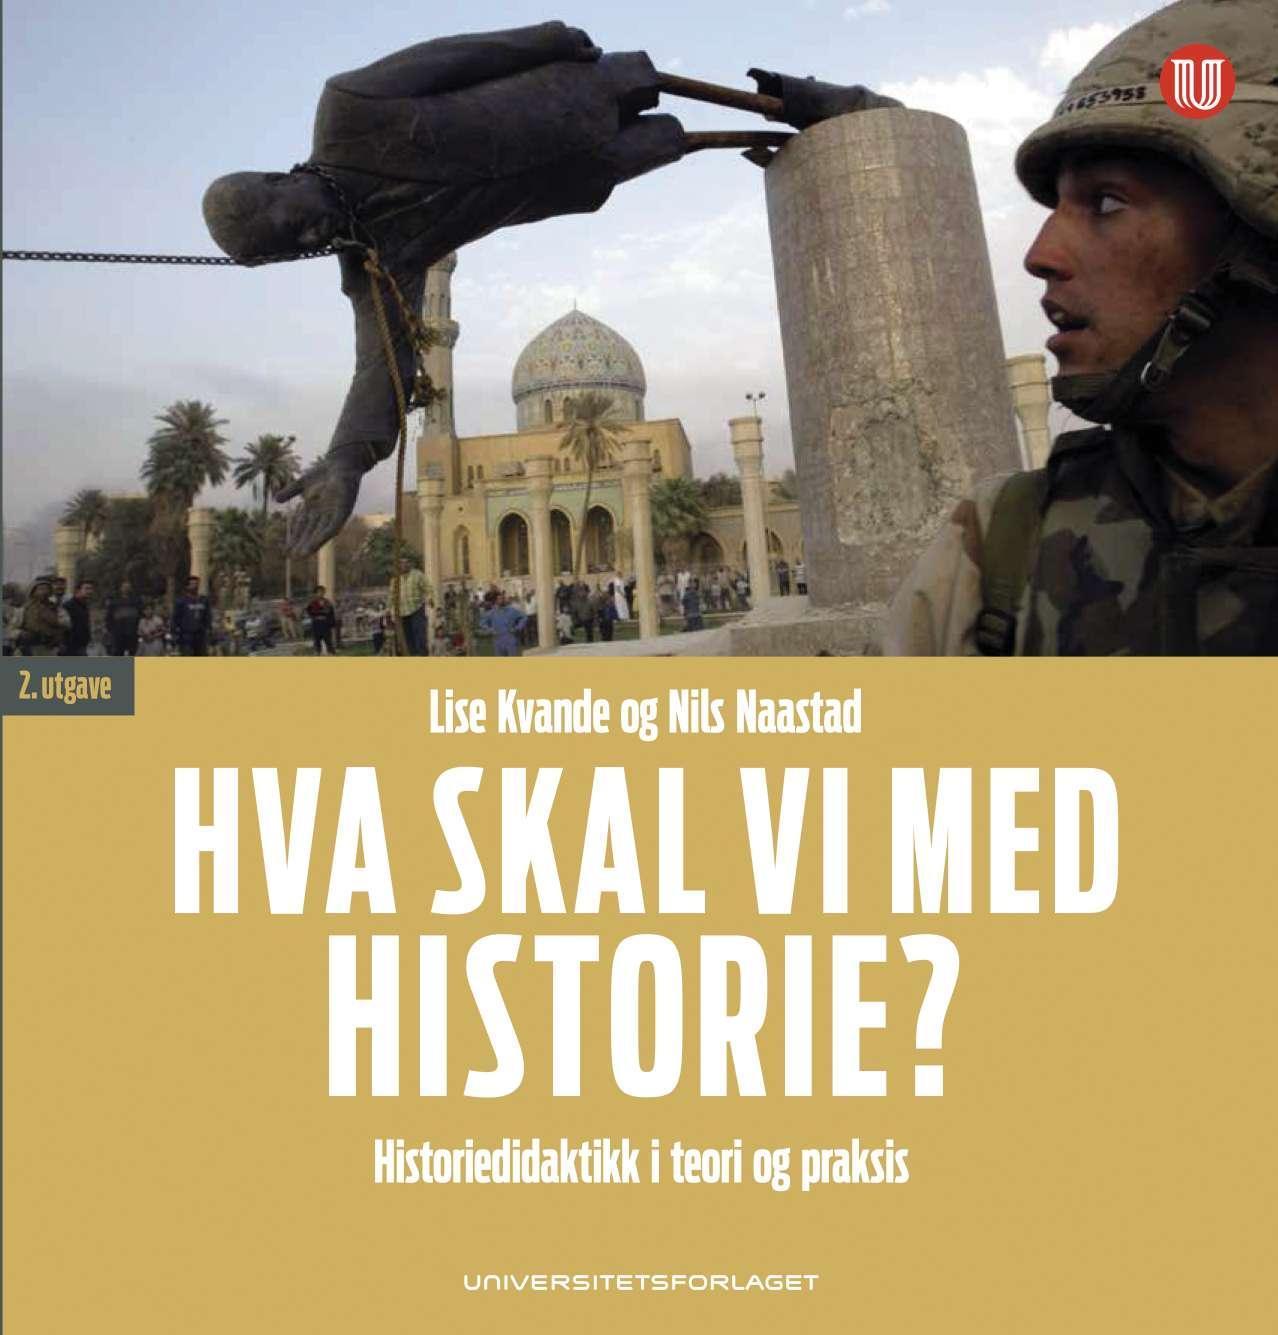 """""""Hva skal vi med historie? - historiedidaktikk i teori og praksis"""" av Lise Kvande"""